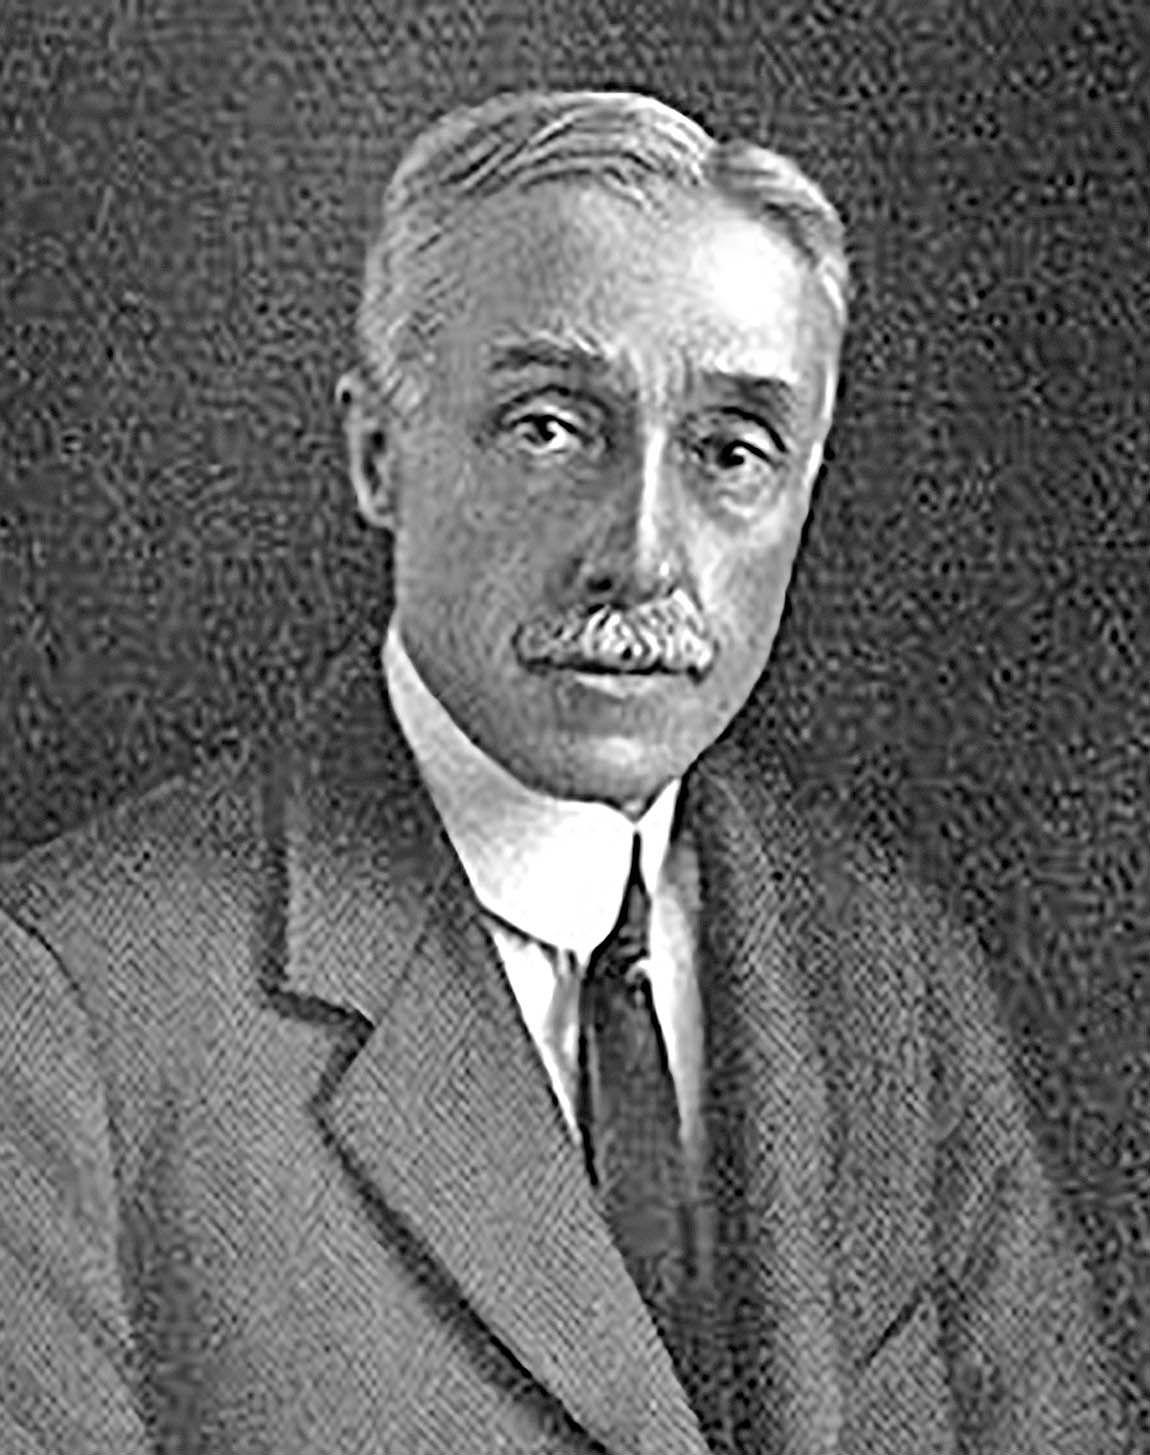 اسپری، مخترع قطبنمای مدرن